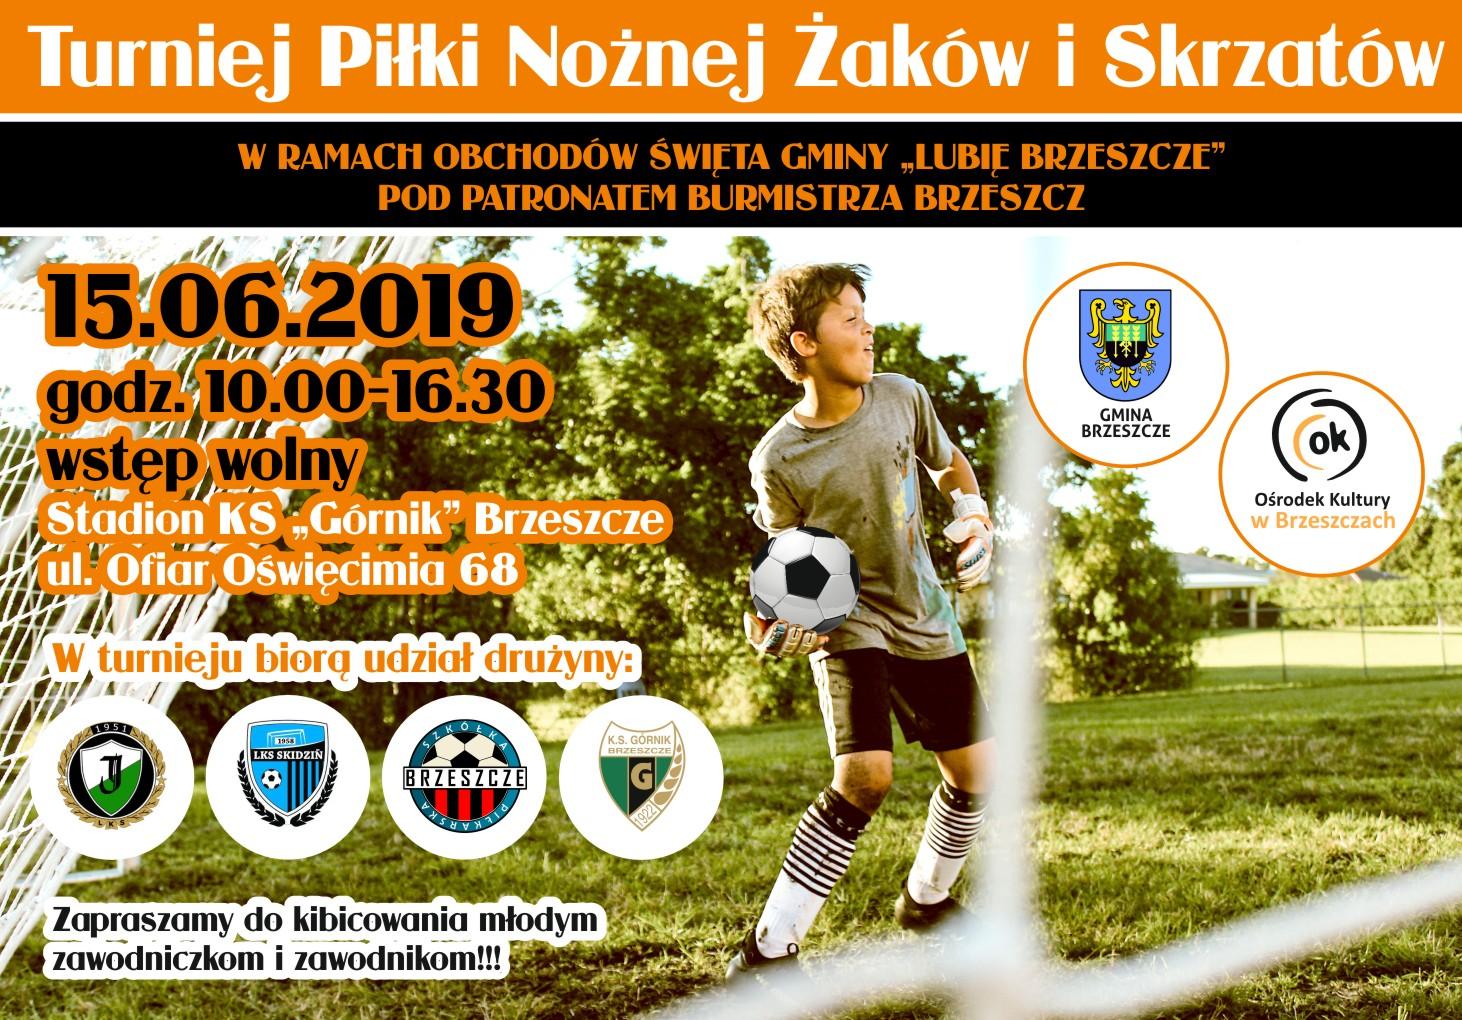 Turniej Piłki Nożnej Żaków I Skrzatów